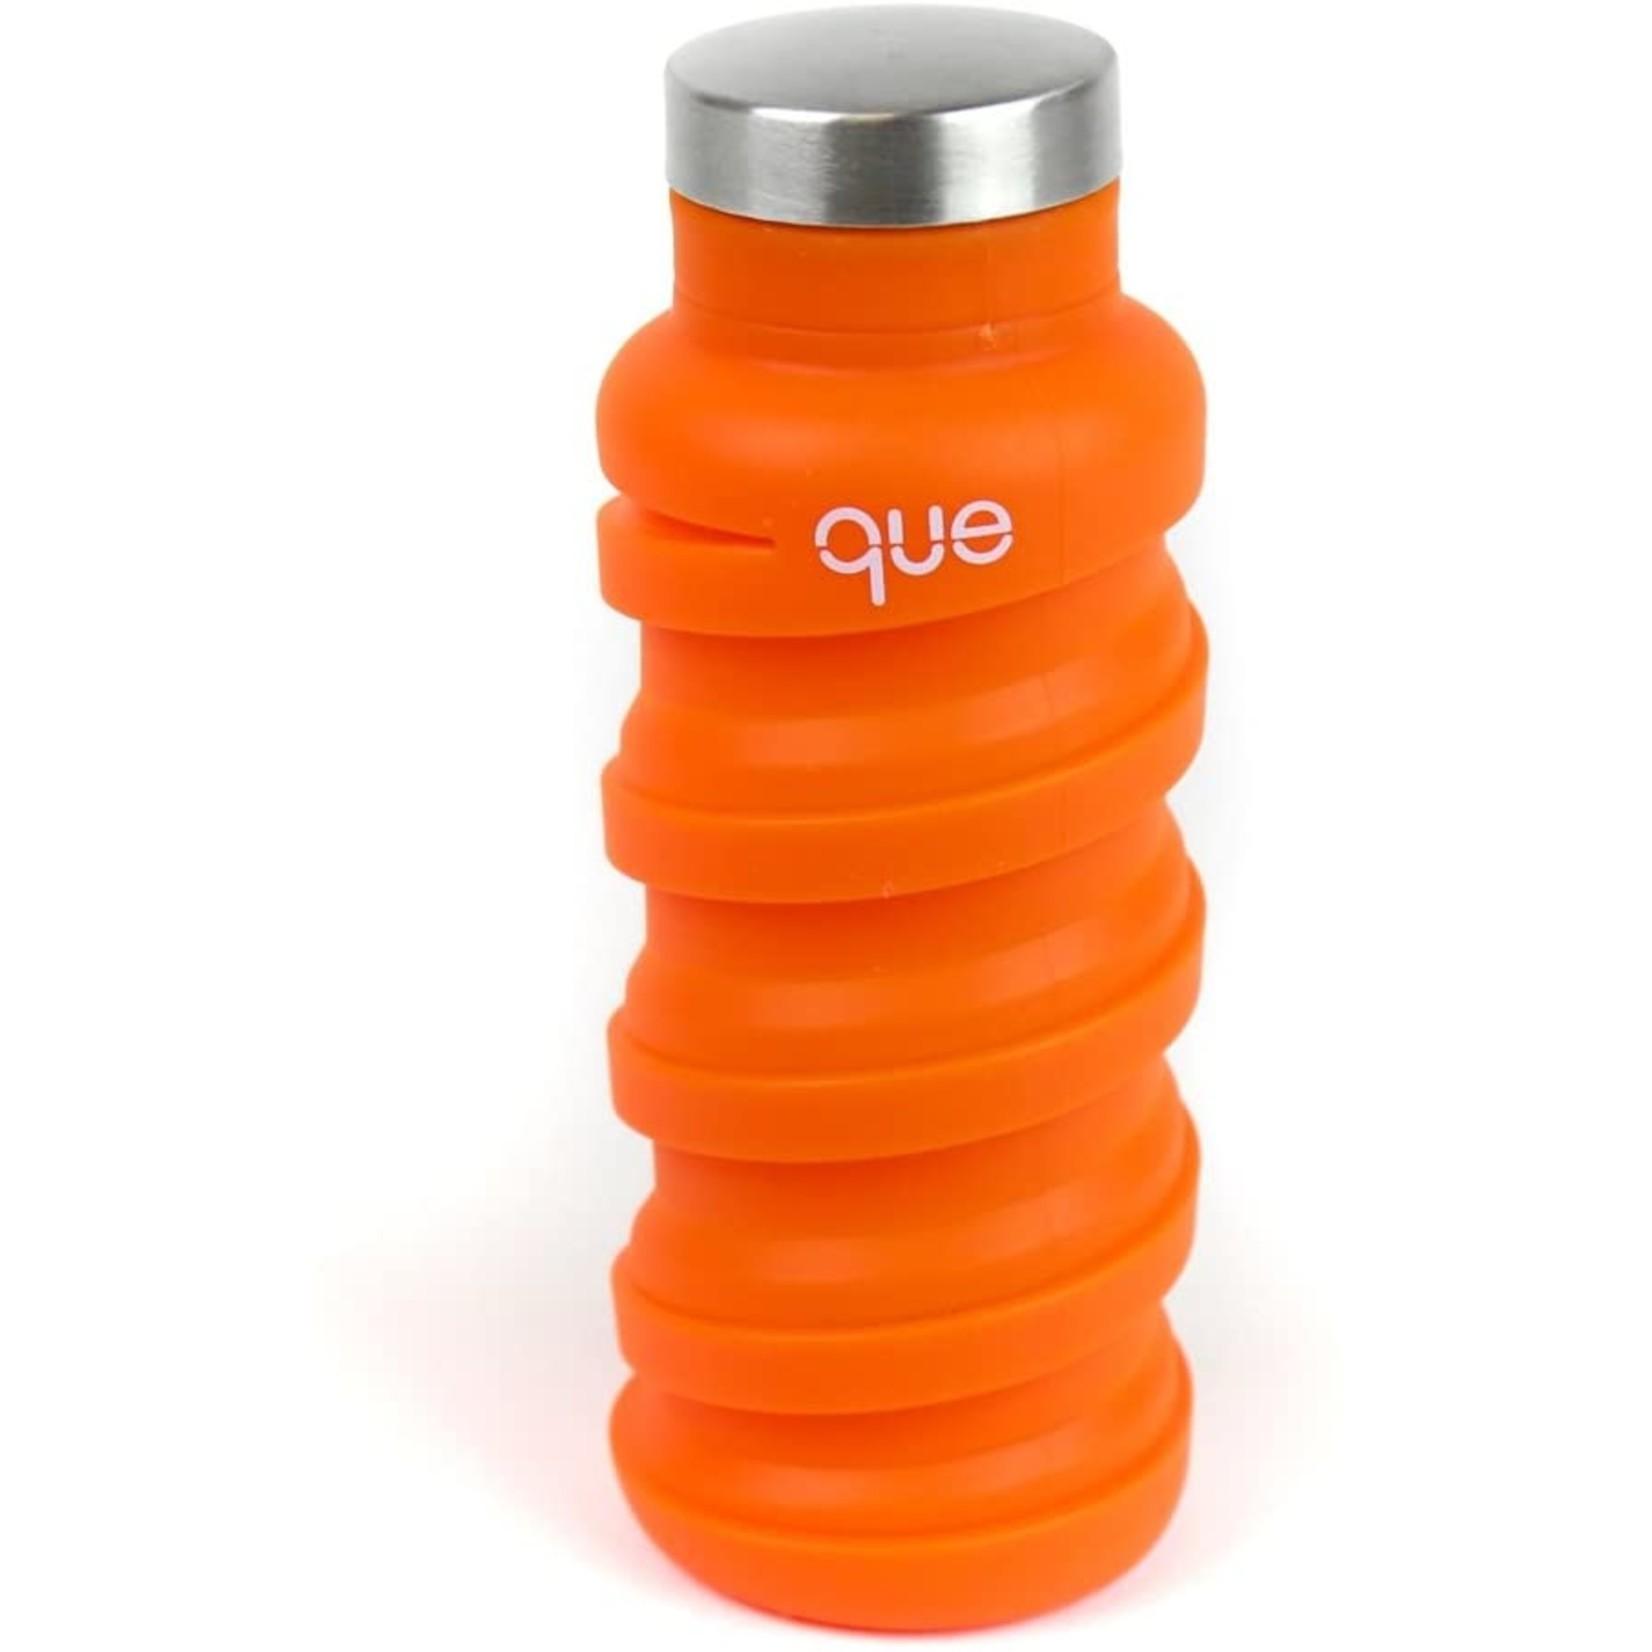 Que Bottle 12 oz in Sunbeam Orange